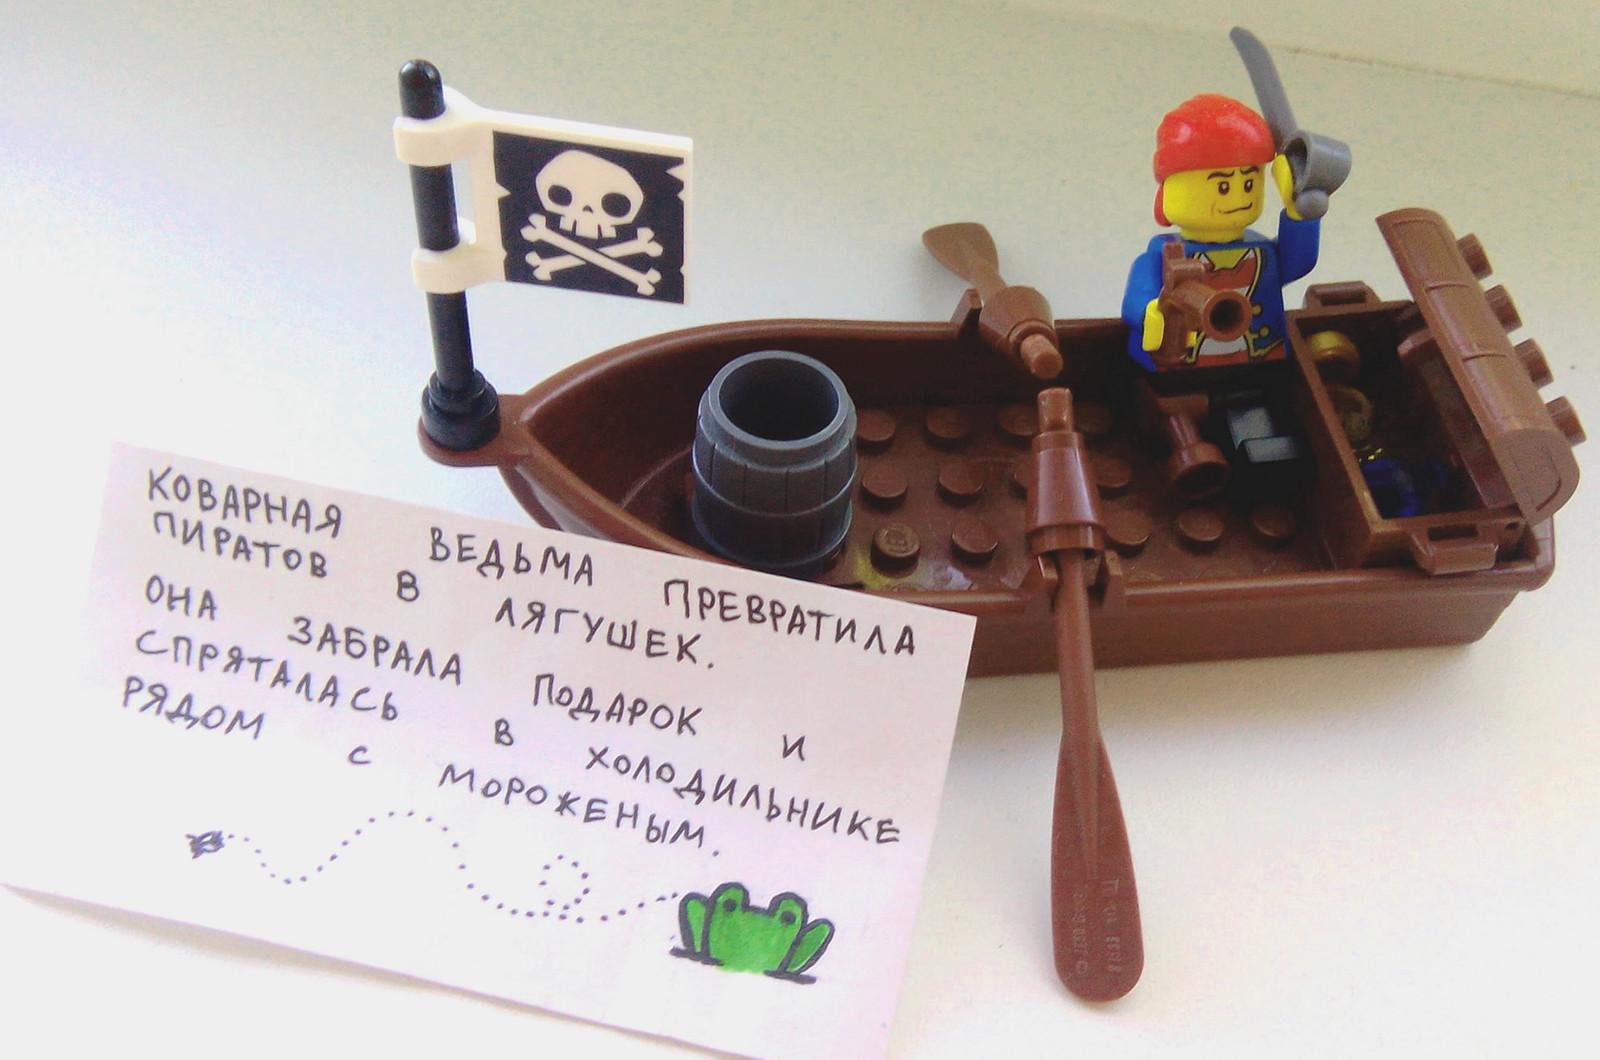 Три классных квеста на День Рождения от Пикабу - 7Darov 21